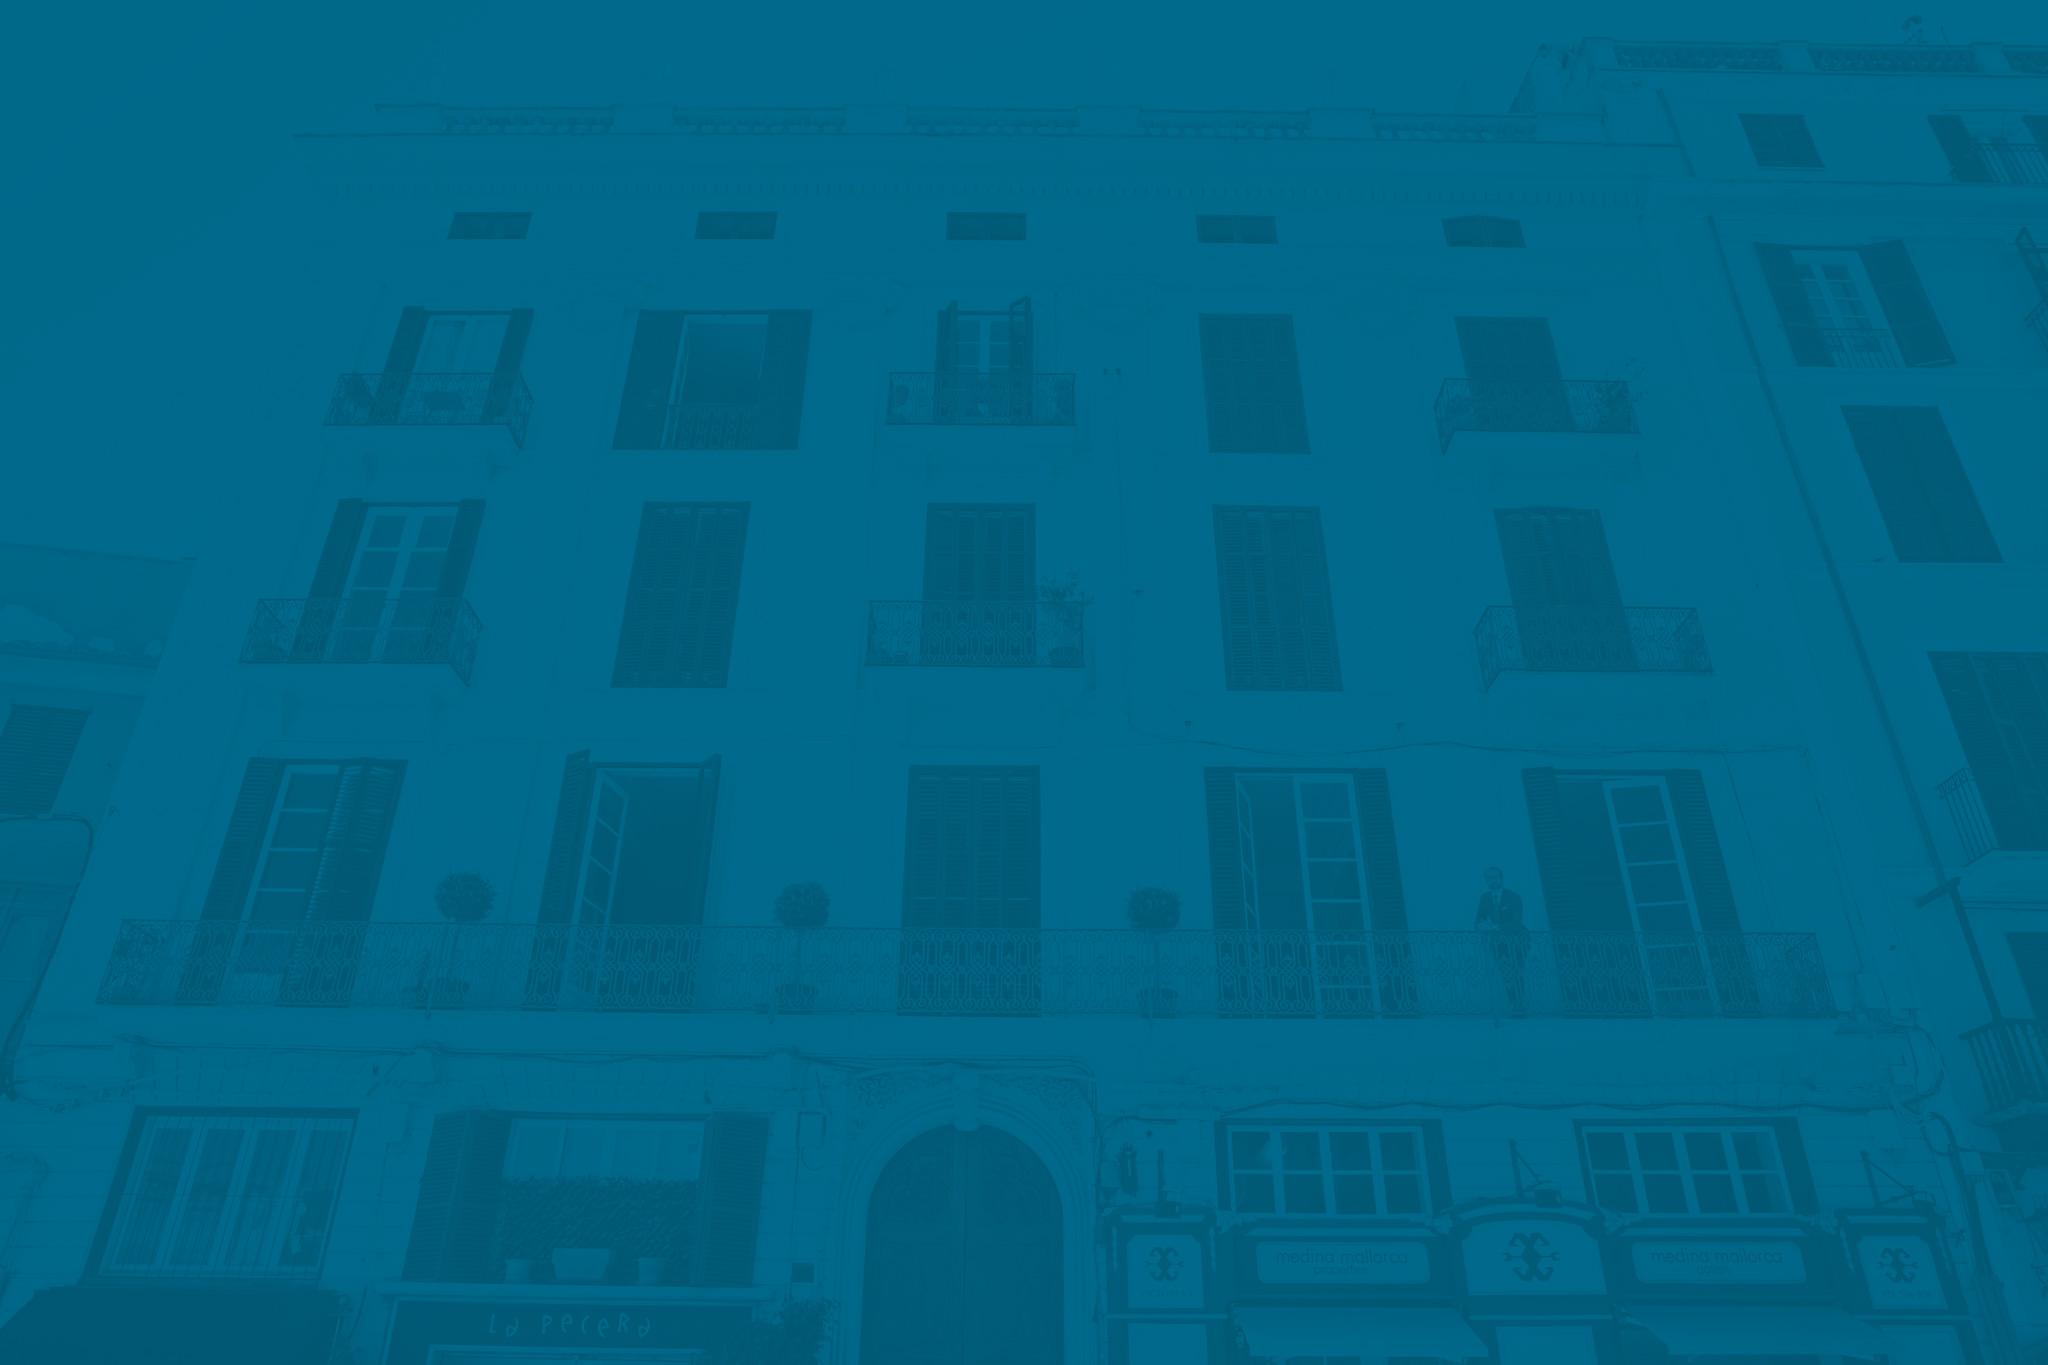 Blau BG